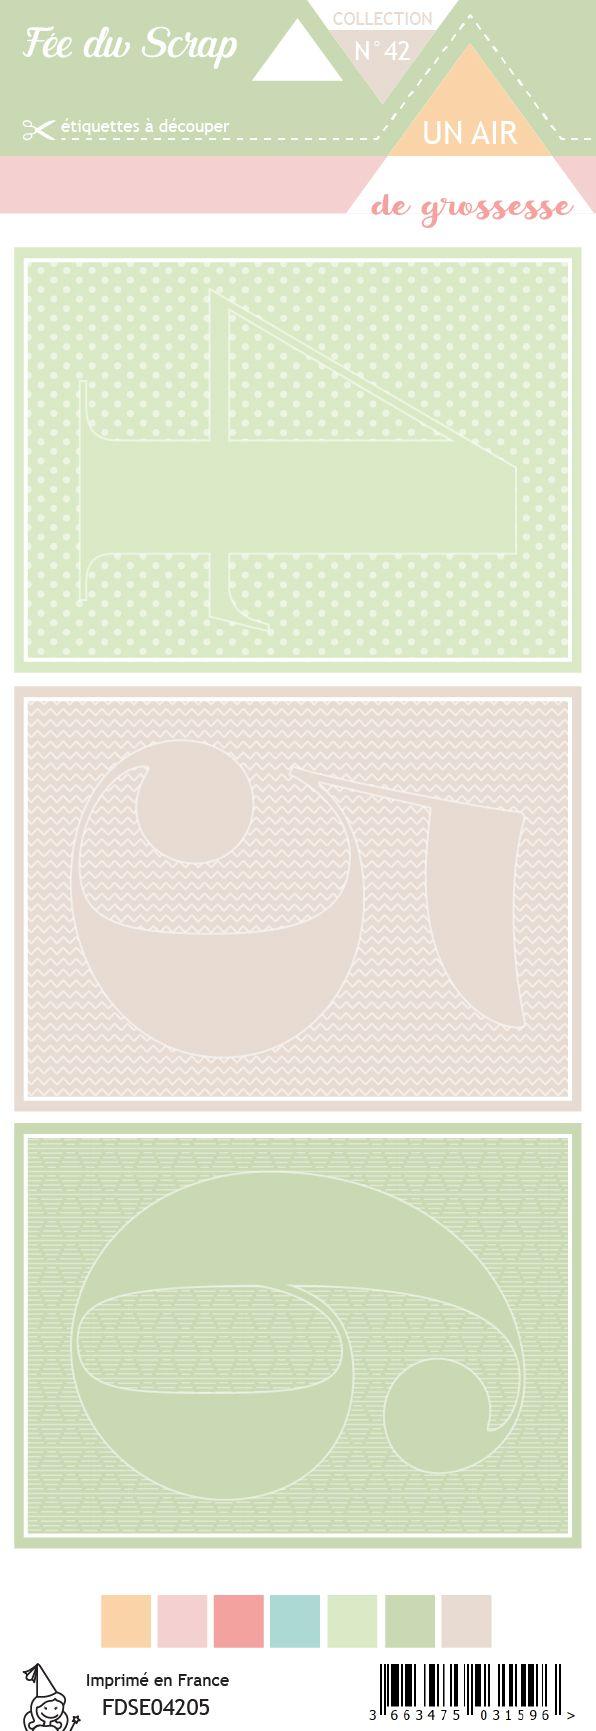 Etiquette un air de grossesse - Cartes project life 4 5 6